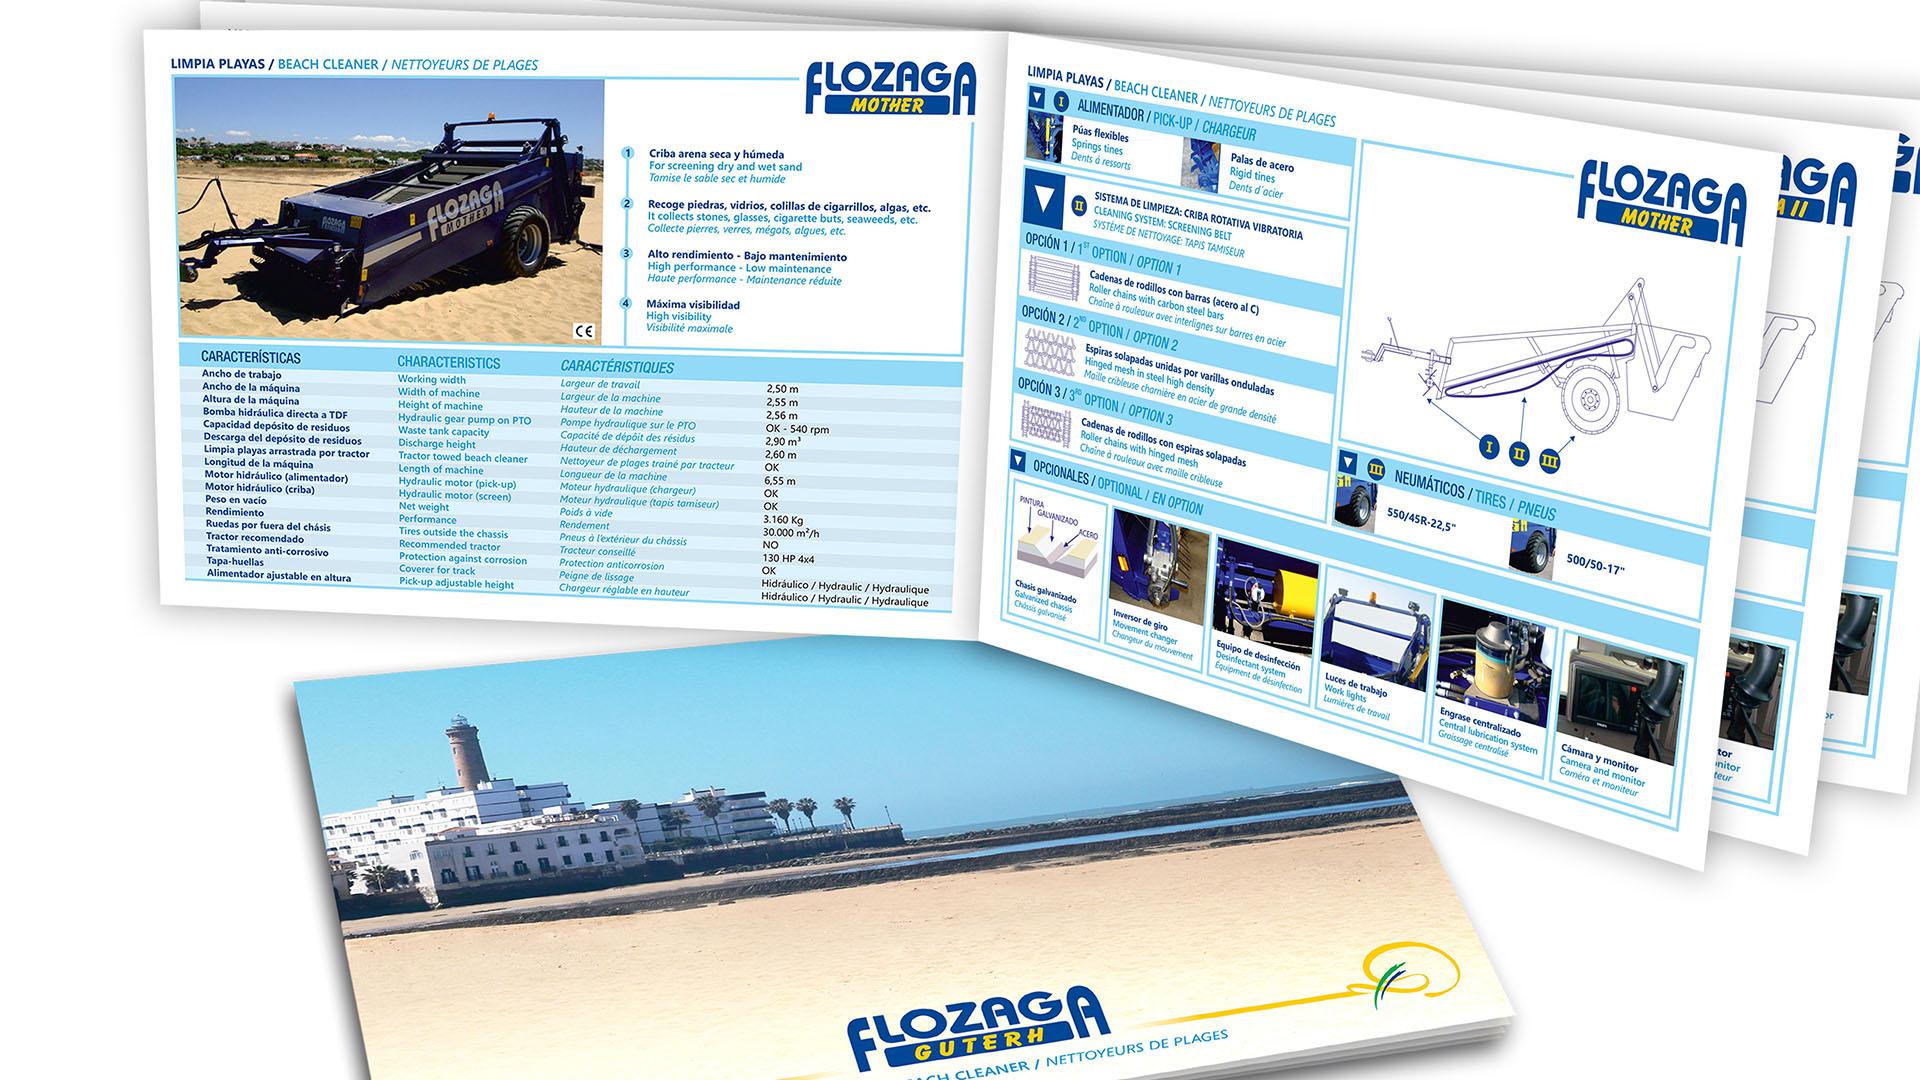 FLOZAGA GUTERH - Catálogo